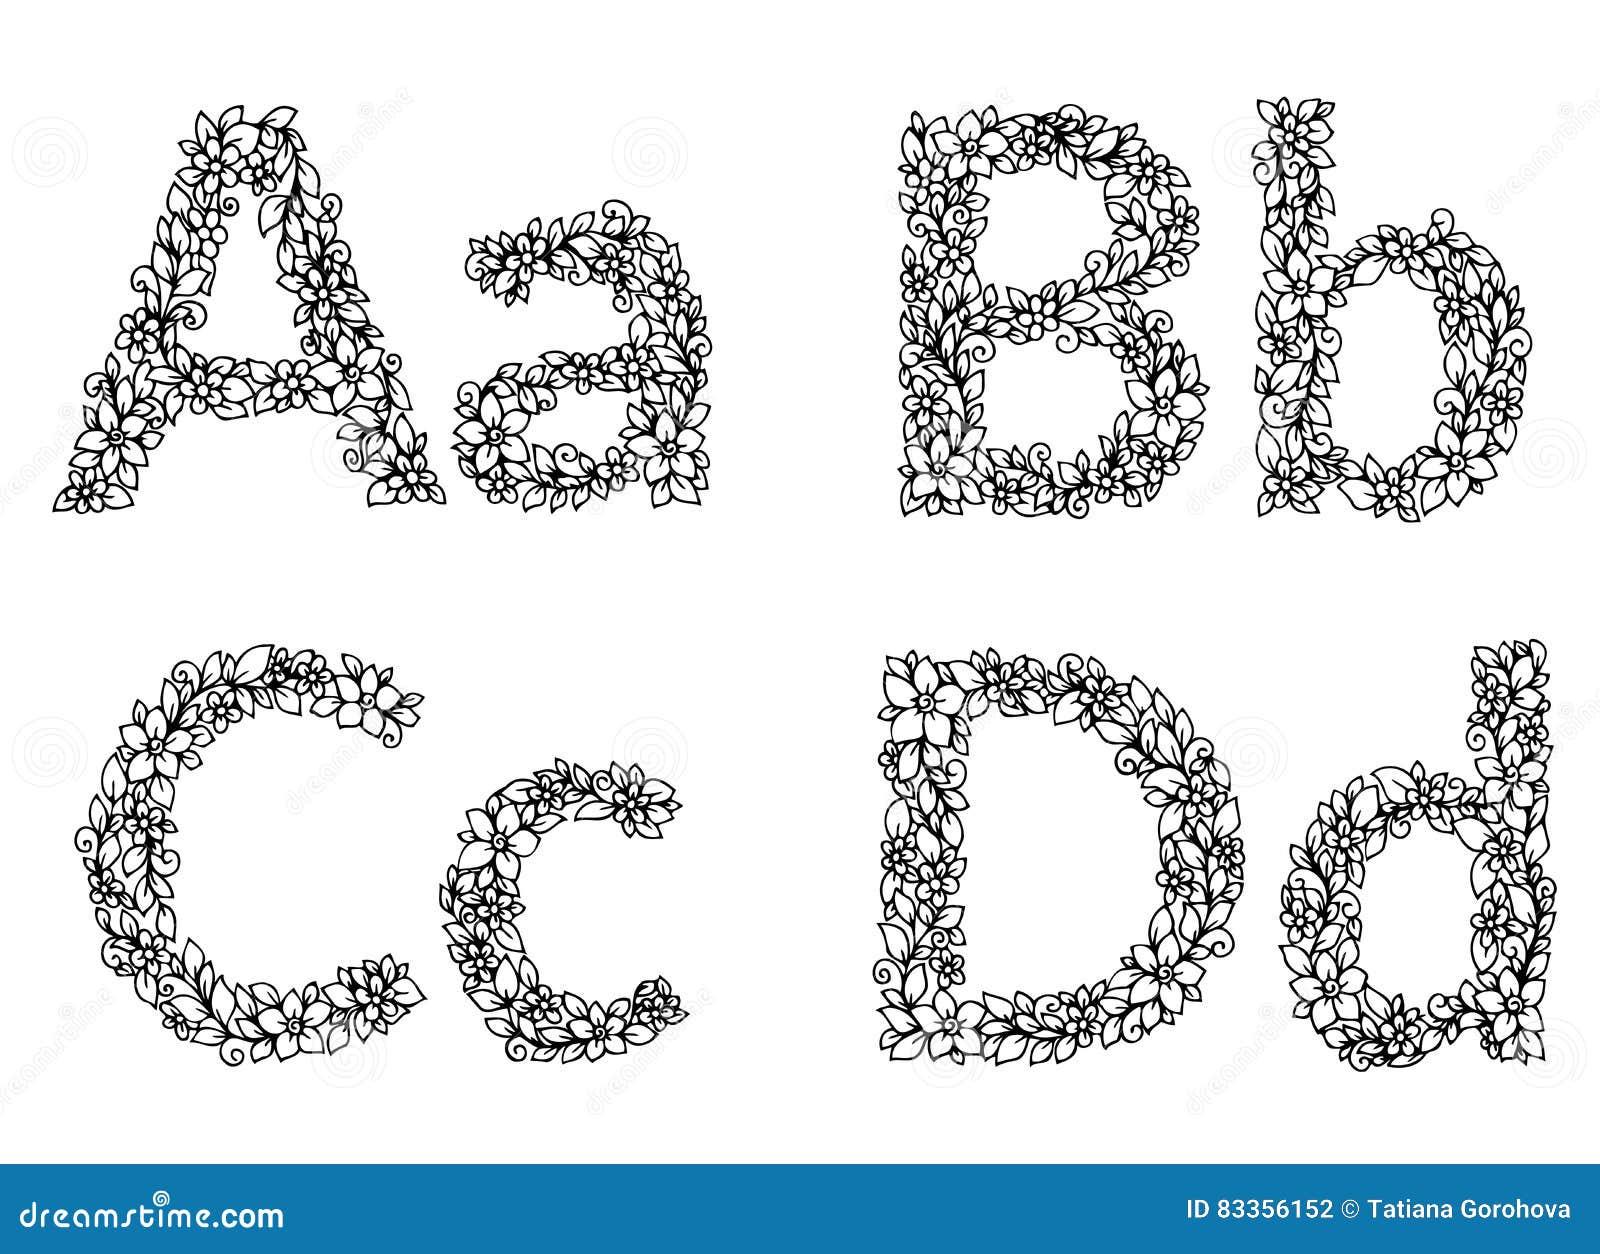 Coloriage Alphabet Fleur.Dirigez Le Zentangl D Illustration Alphabet Des Lettres A B C D De